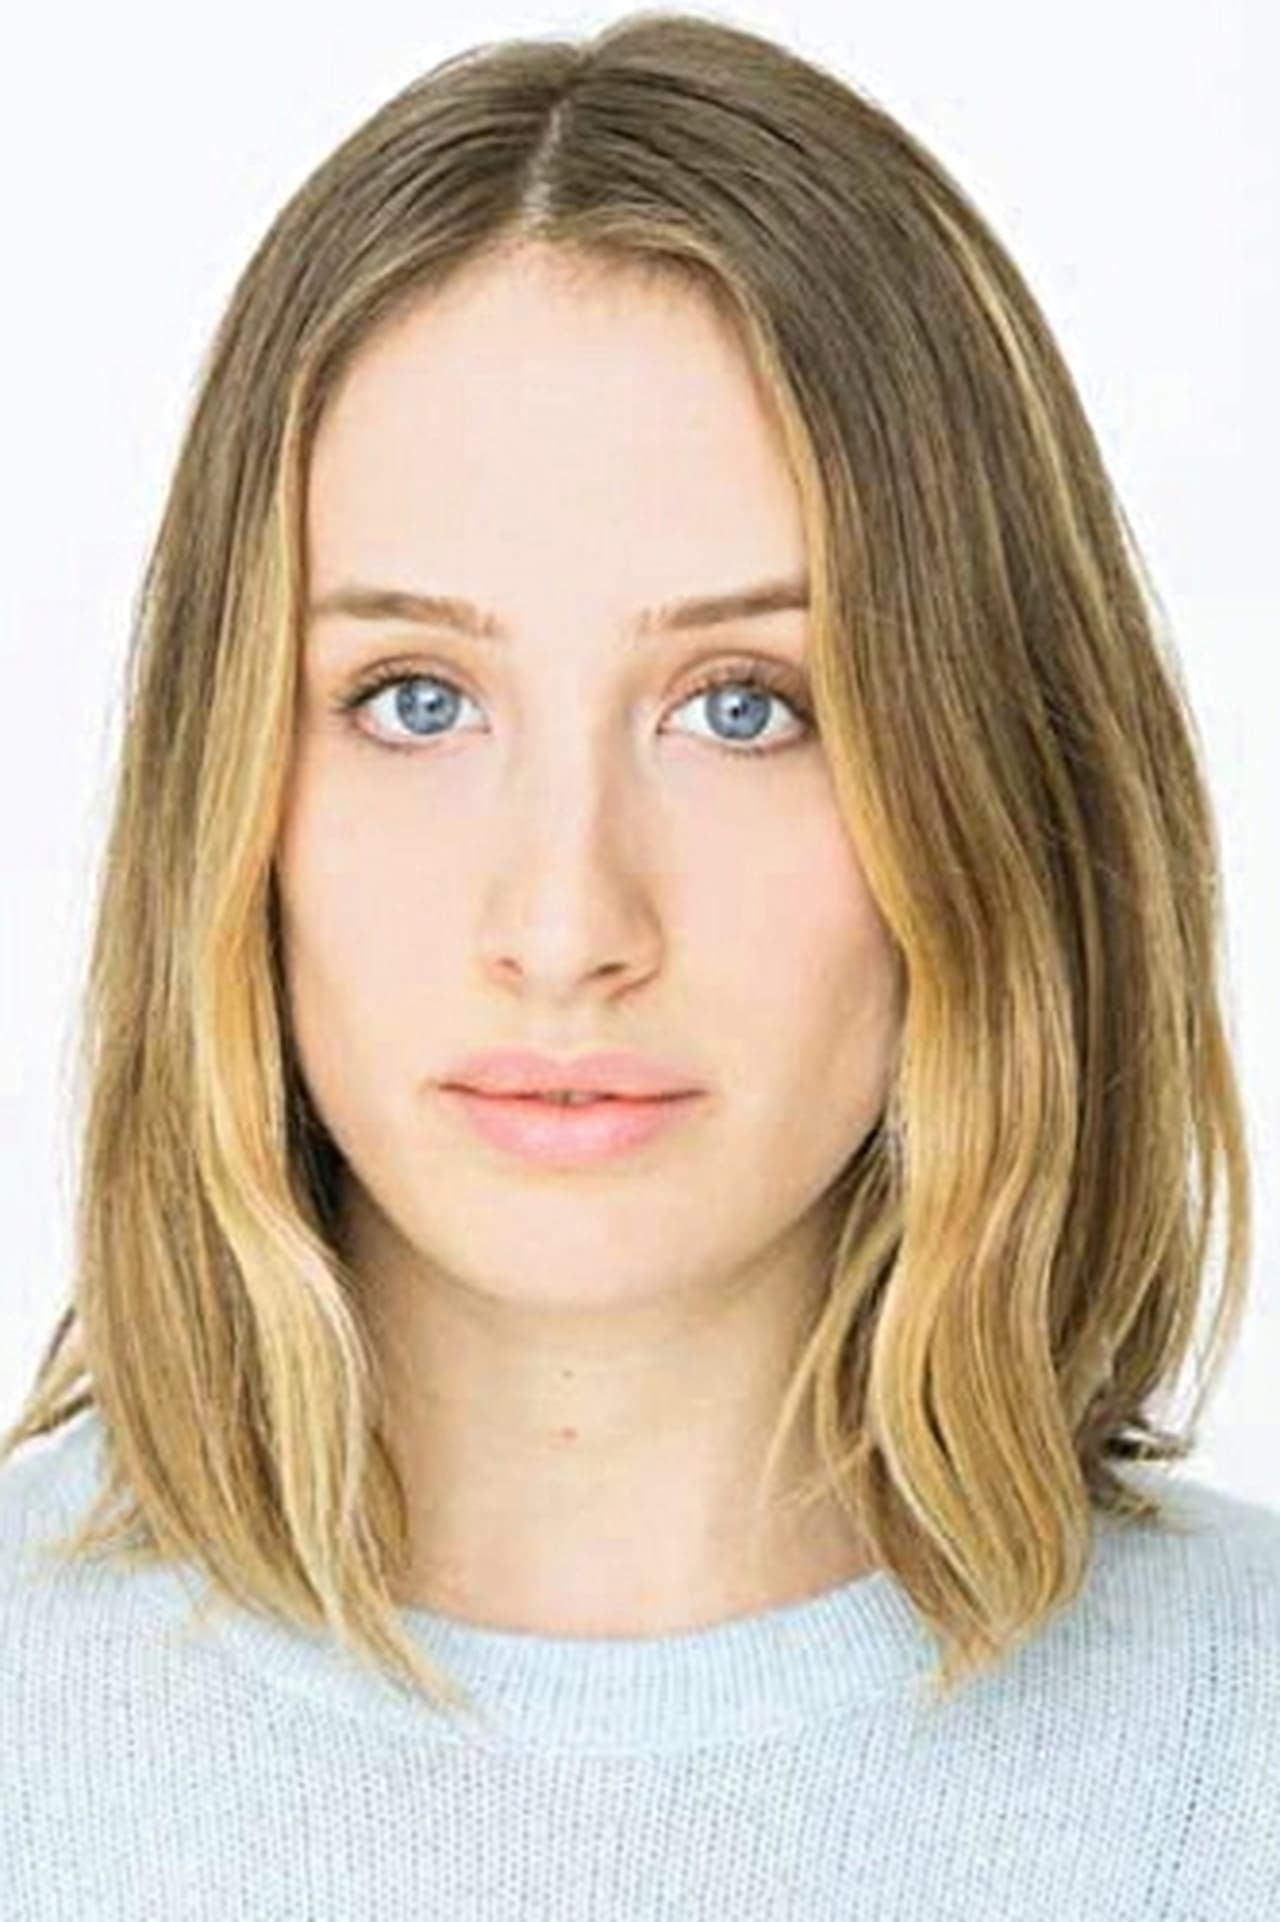 Rachel Zeiger-Haag